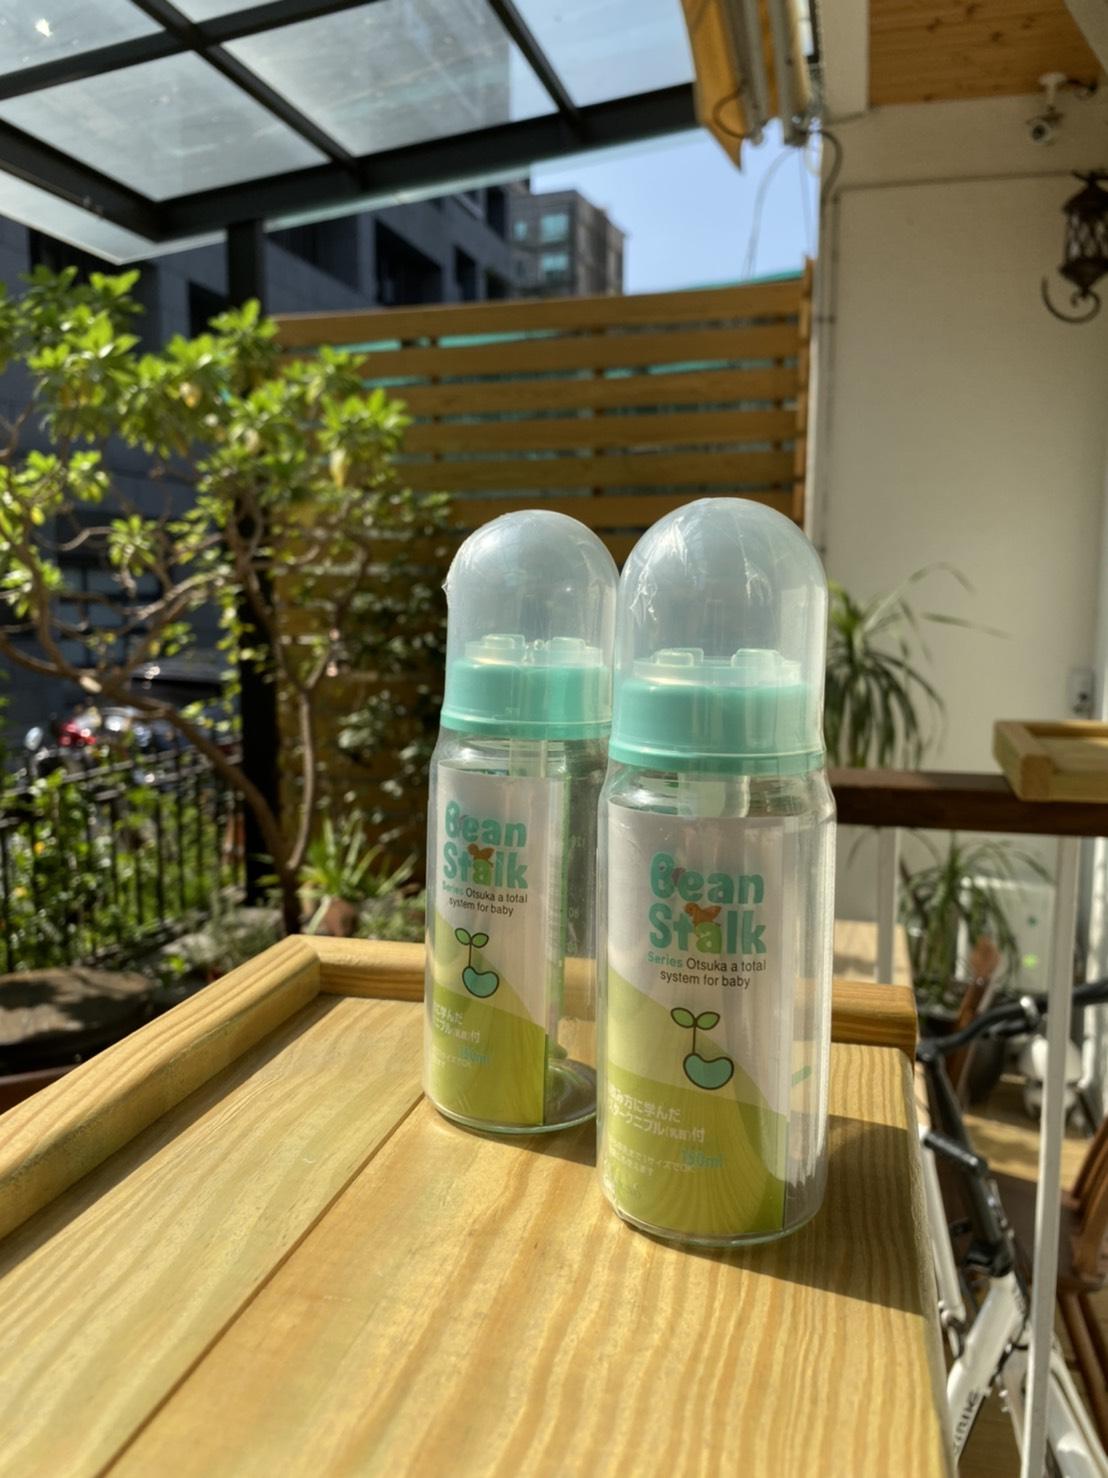 BEAN STALK奶瓶-150ML